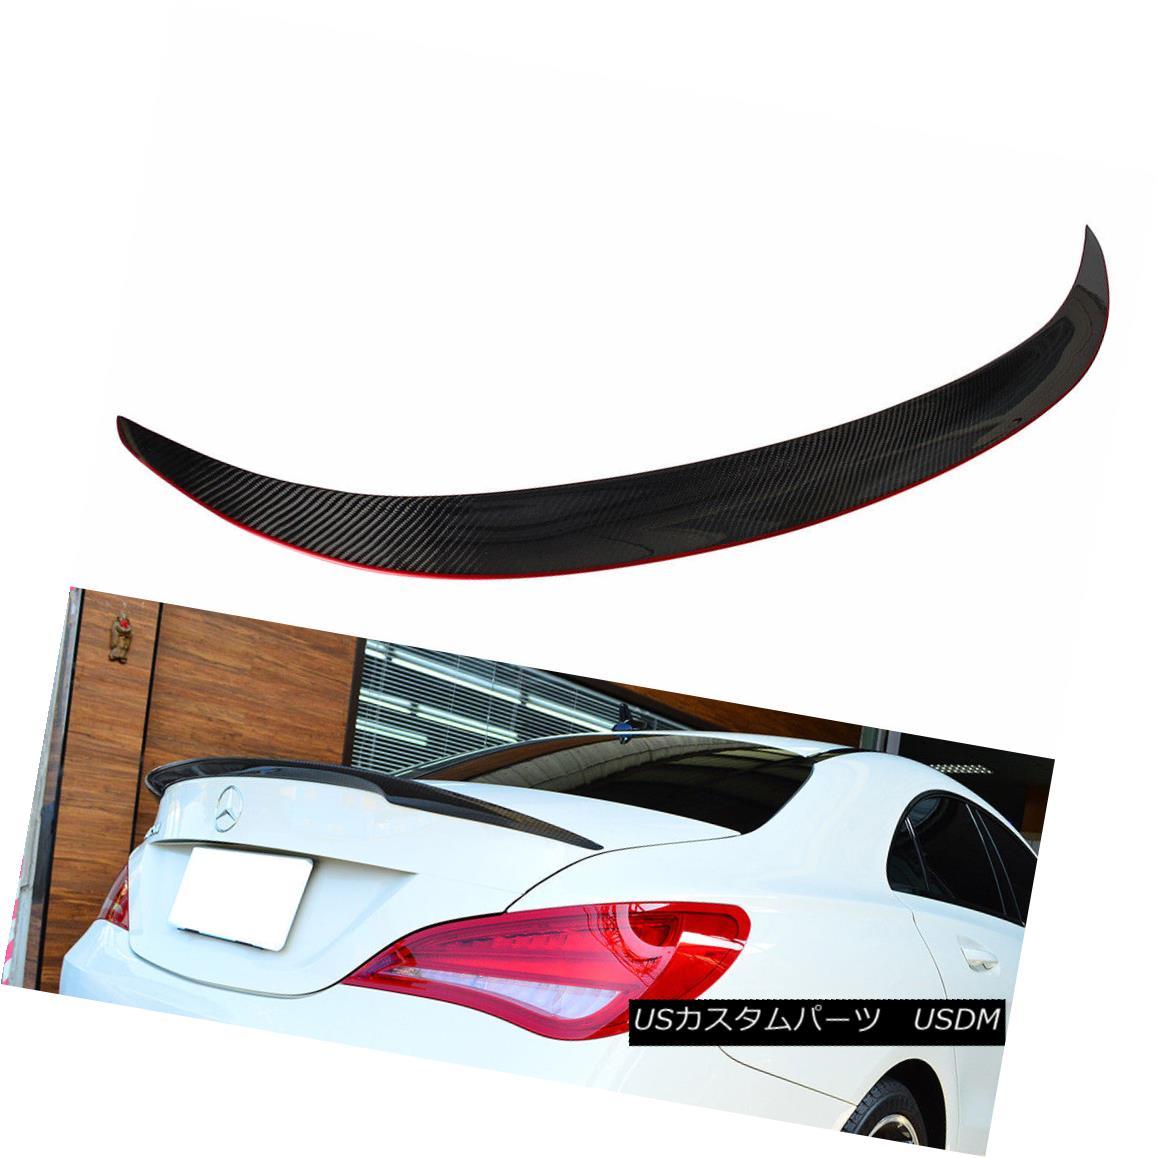 エアロパーツ CARBON + RED Mercedes BENZ W117 CLA Sedan D Trunk Spoiler CLA45 CLA250 2018 CARBON + REDメルセデスベンツW117 CLAセダンDトランクスポイラーCLA45 CLA250 2018